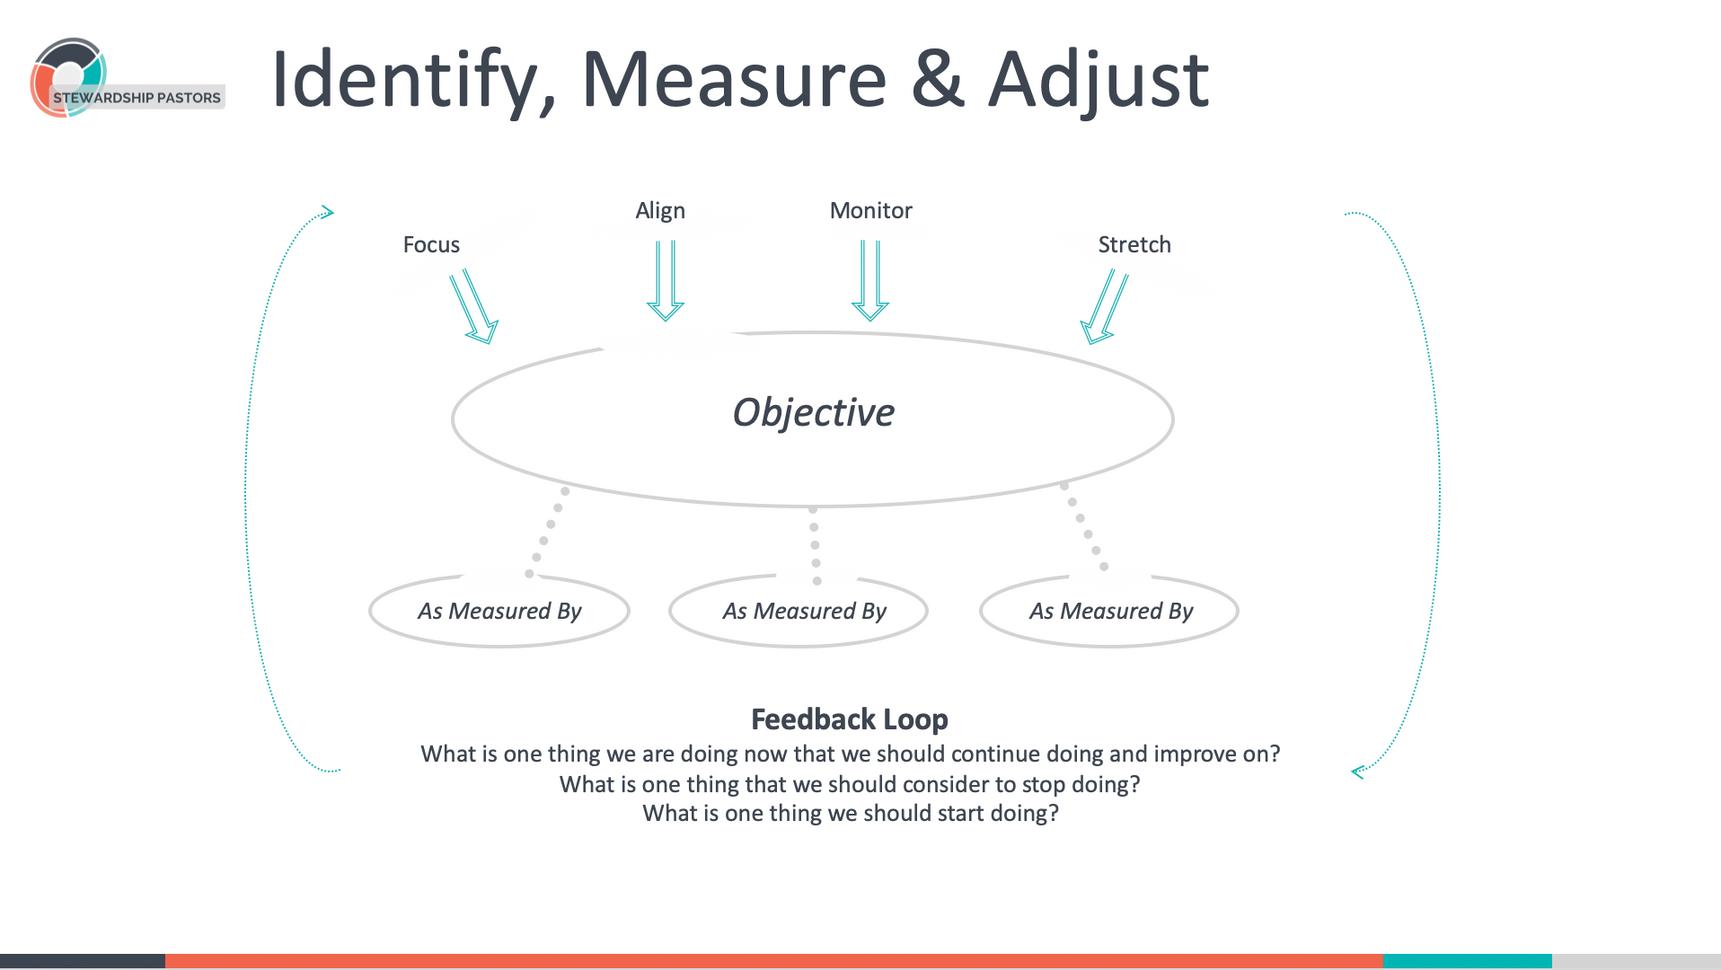 Identify, Measure & Adjust